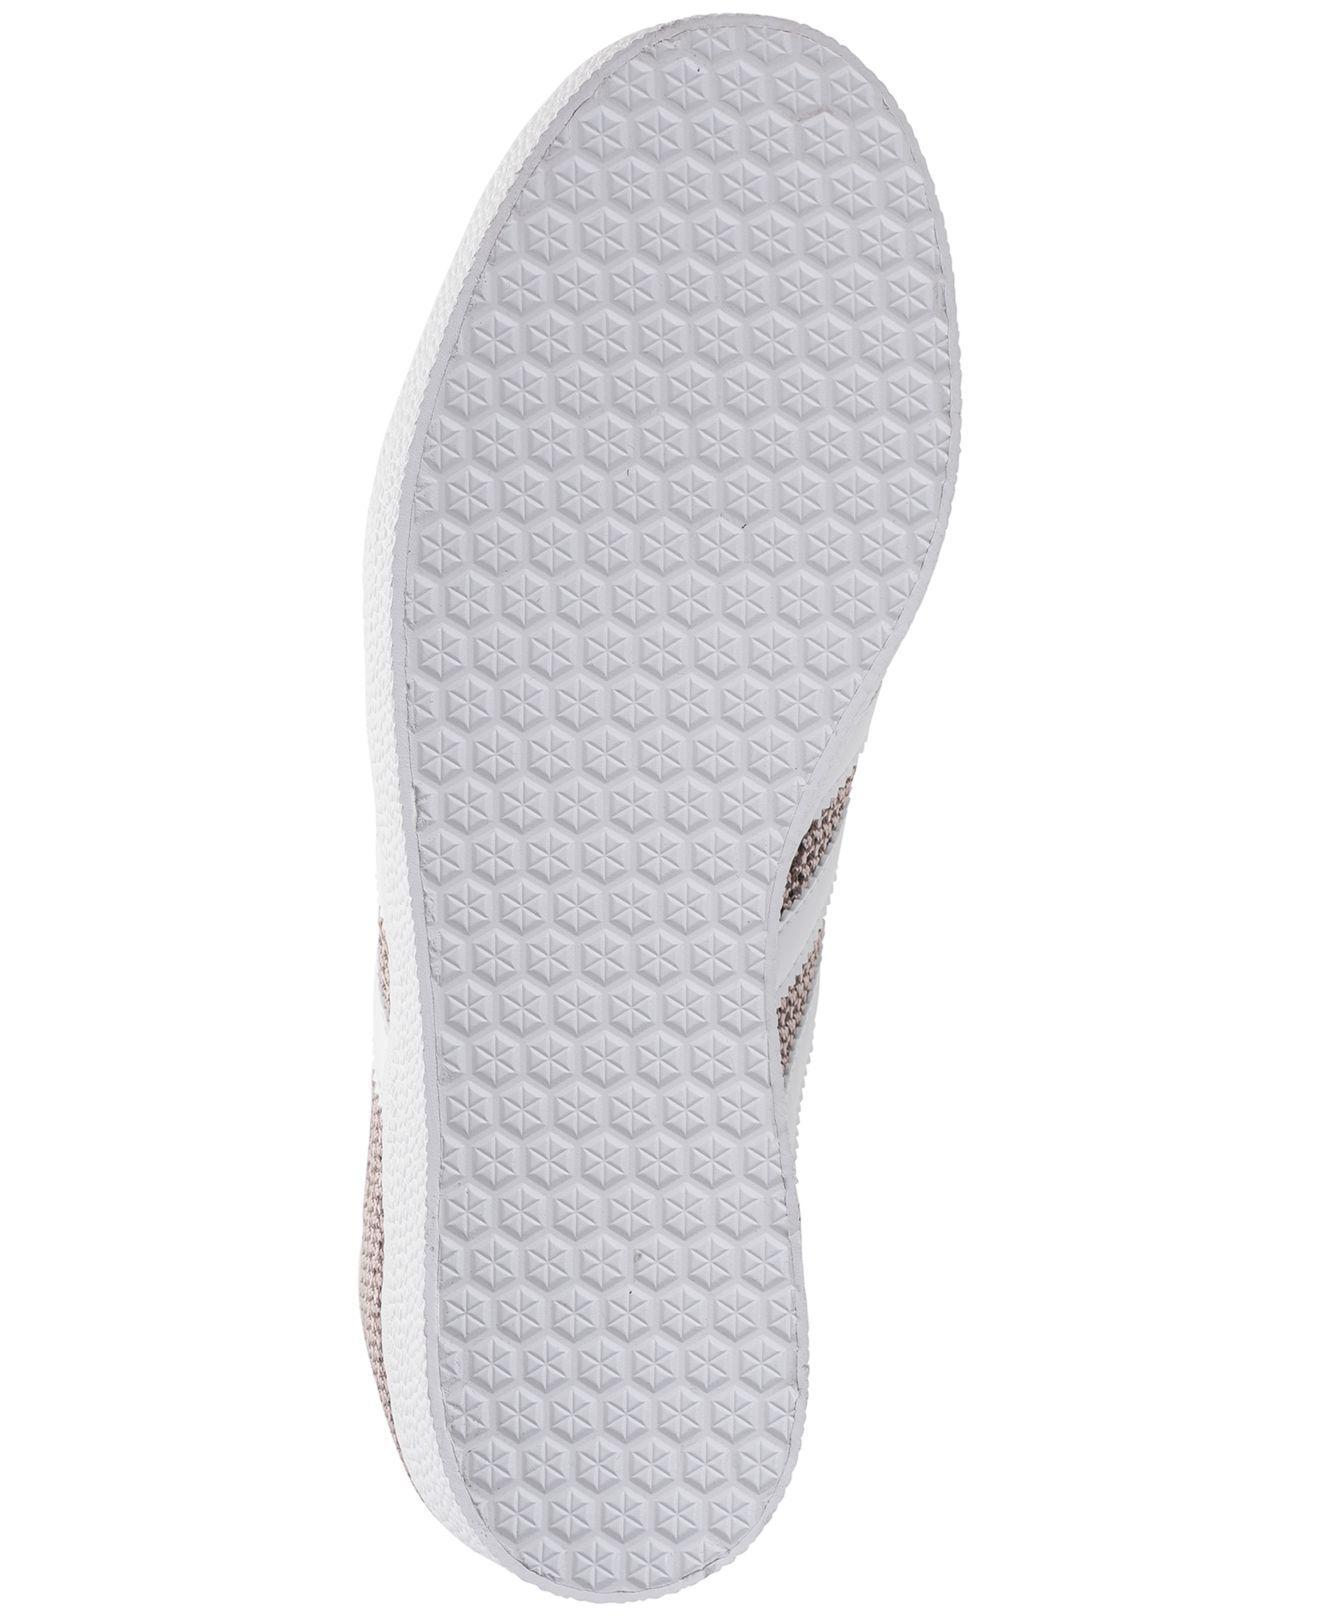 Mujeres Adidas Gazelle Lyst casual zapatillas de la línea de meta en gris